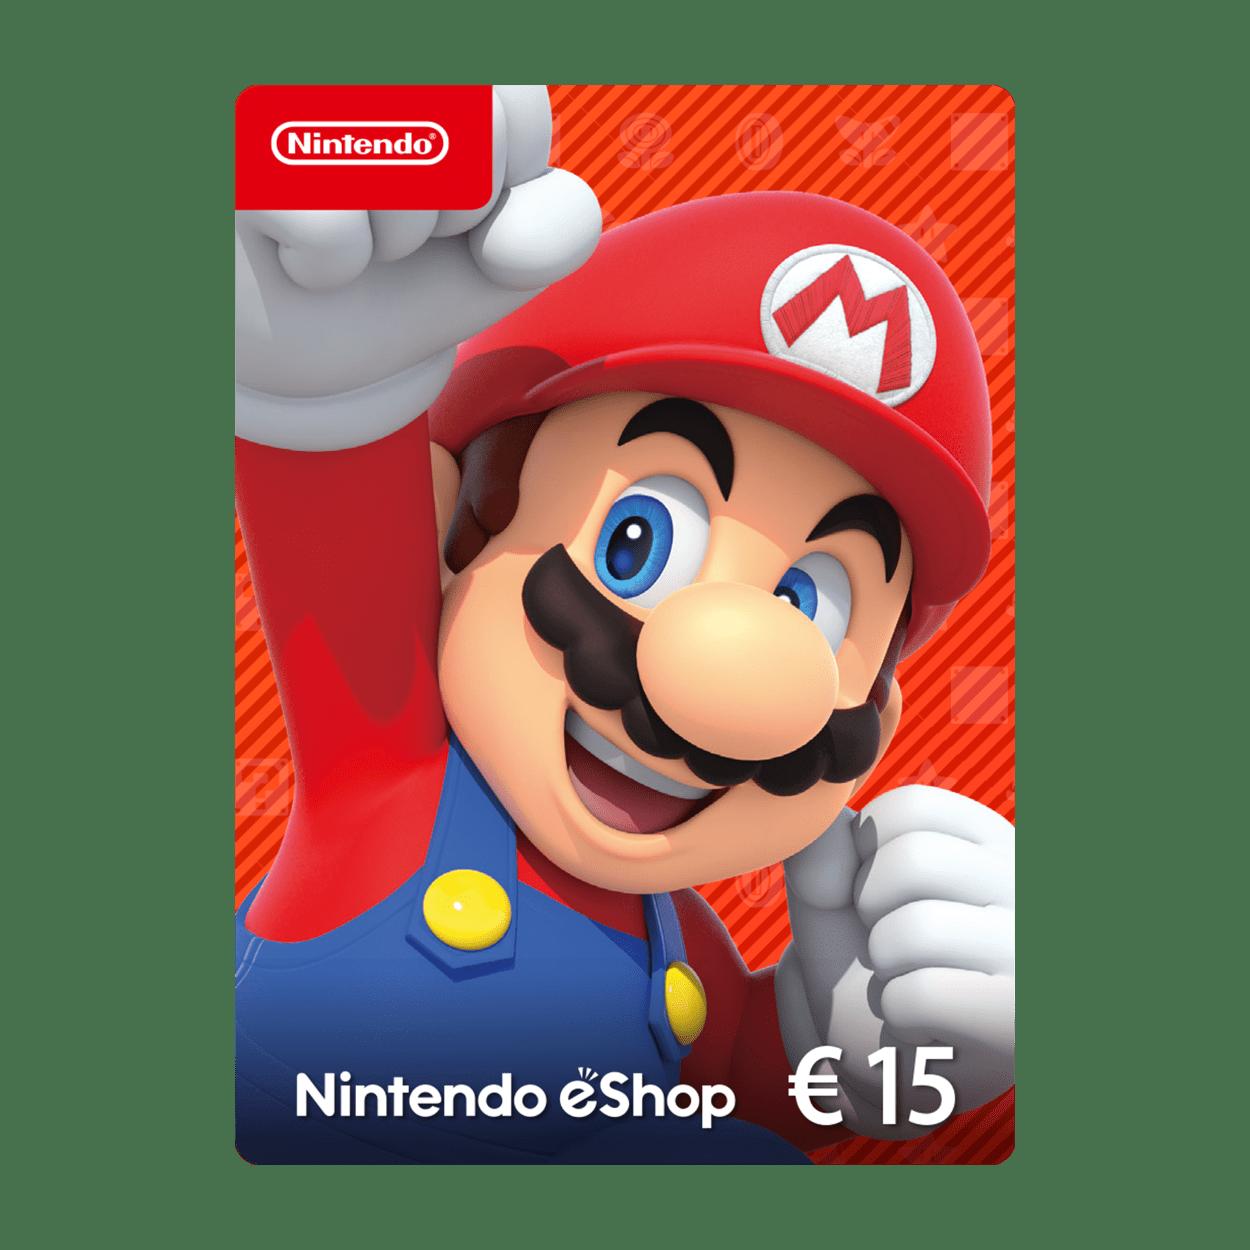 Nintendo eShop Guthabenkarte 15 €